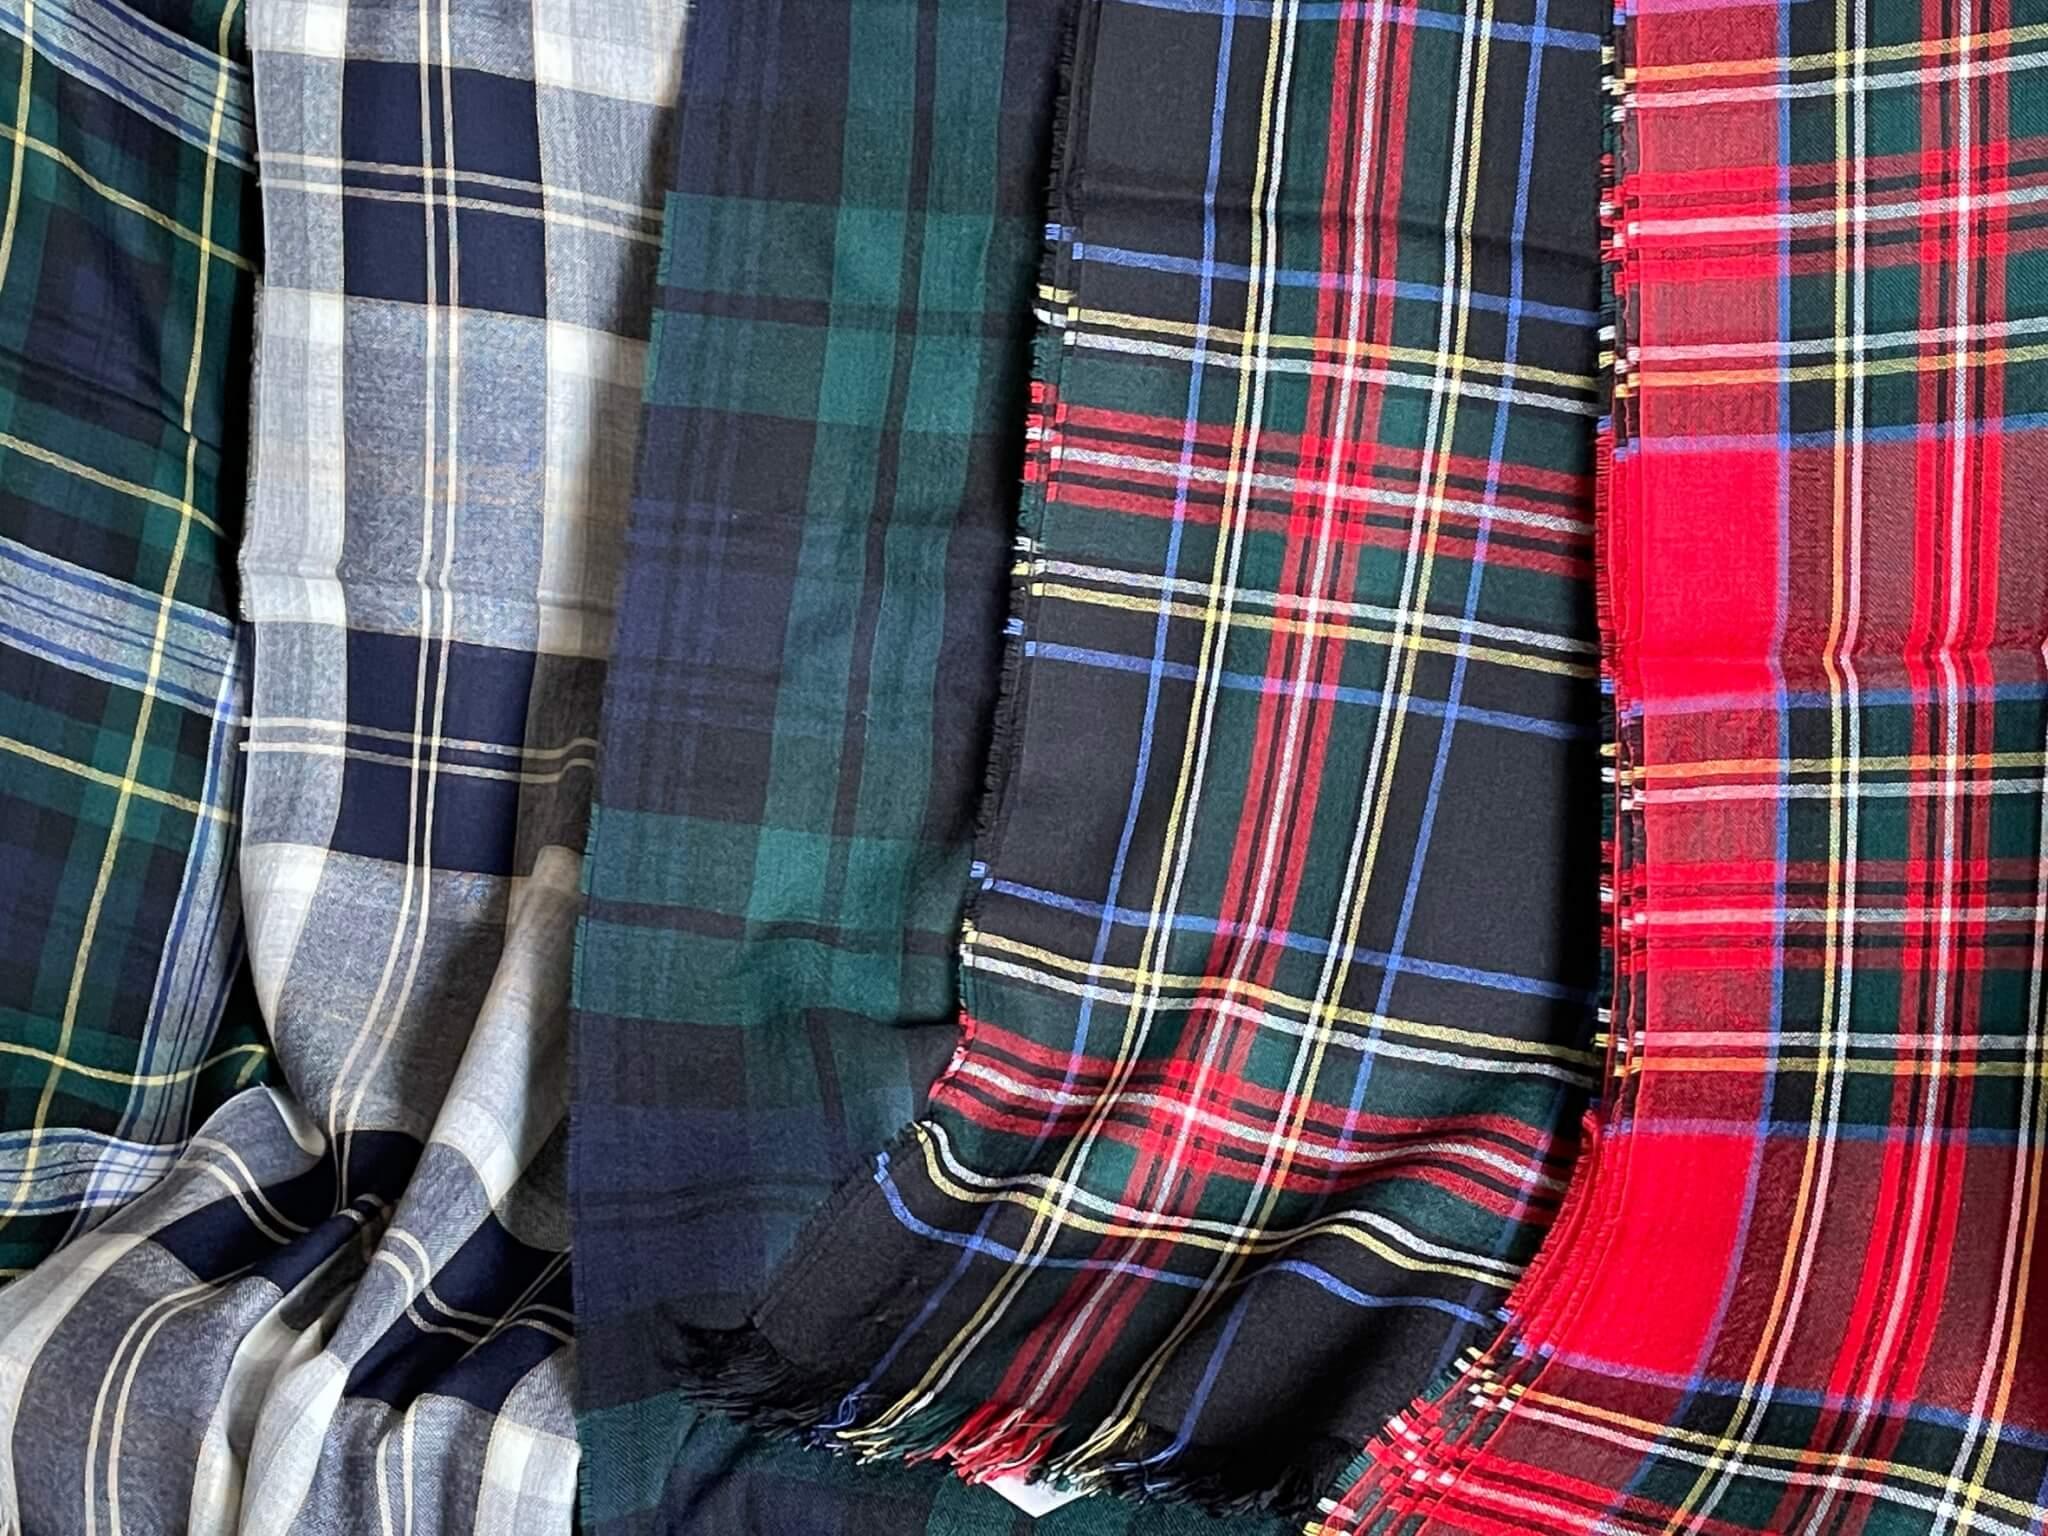 オールシーズン使える高品質のストール JOHNSTONS OF ELGIN Merino wool Stall